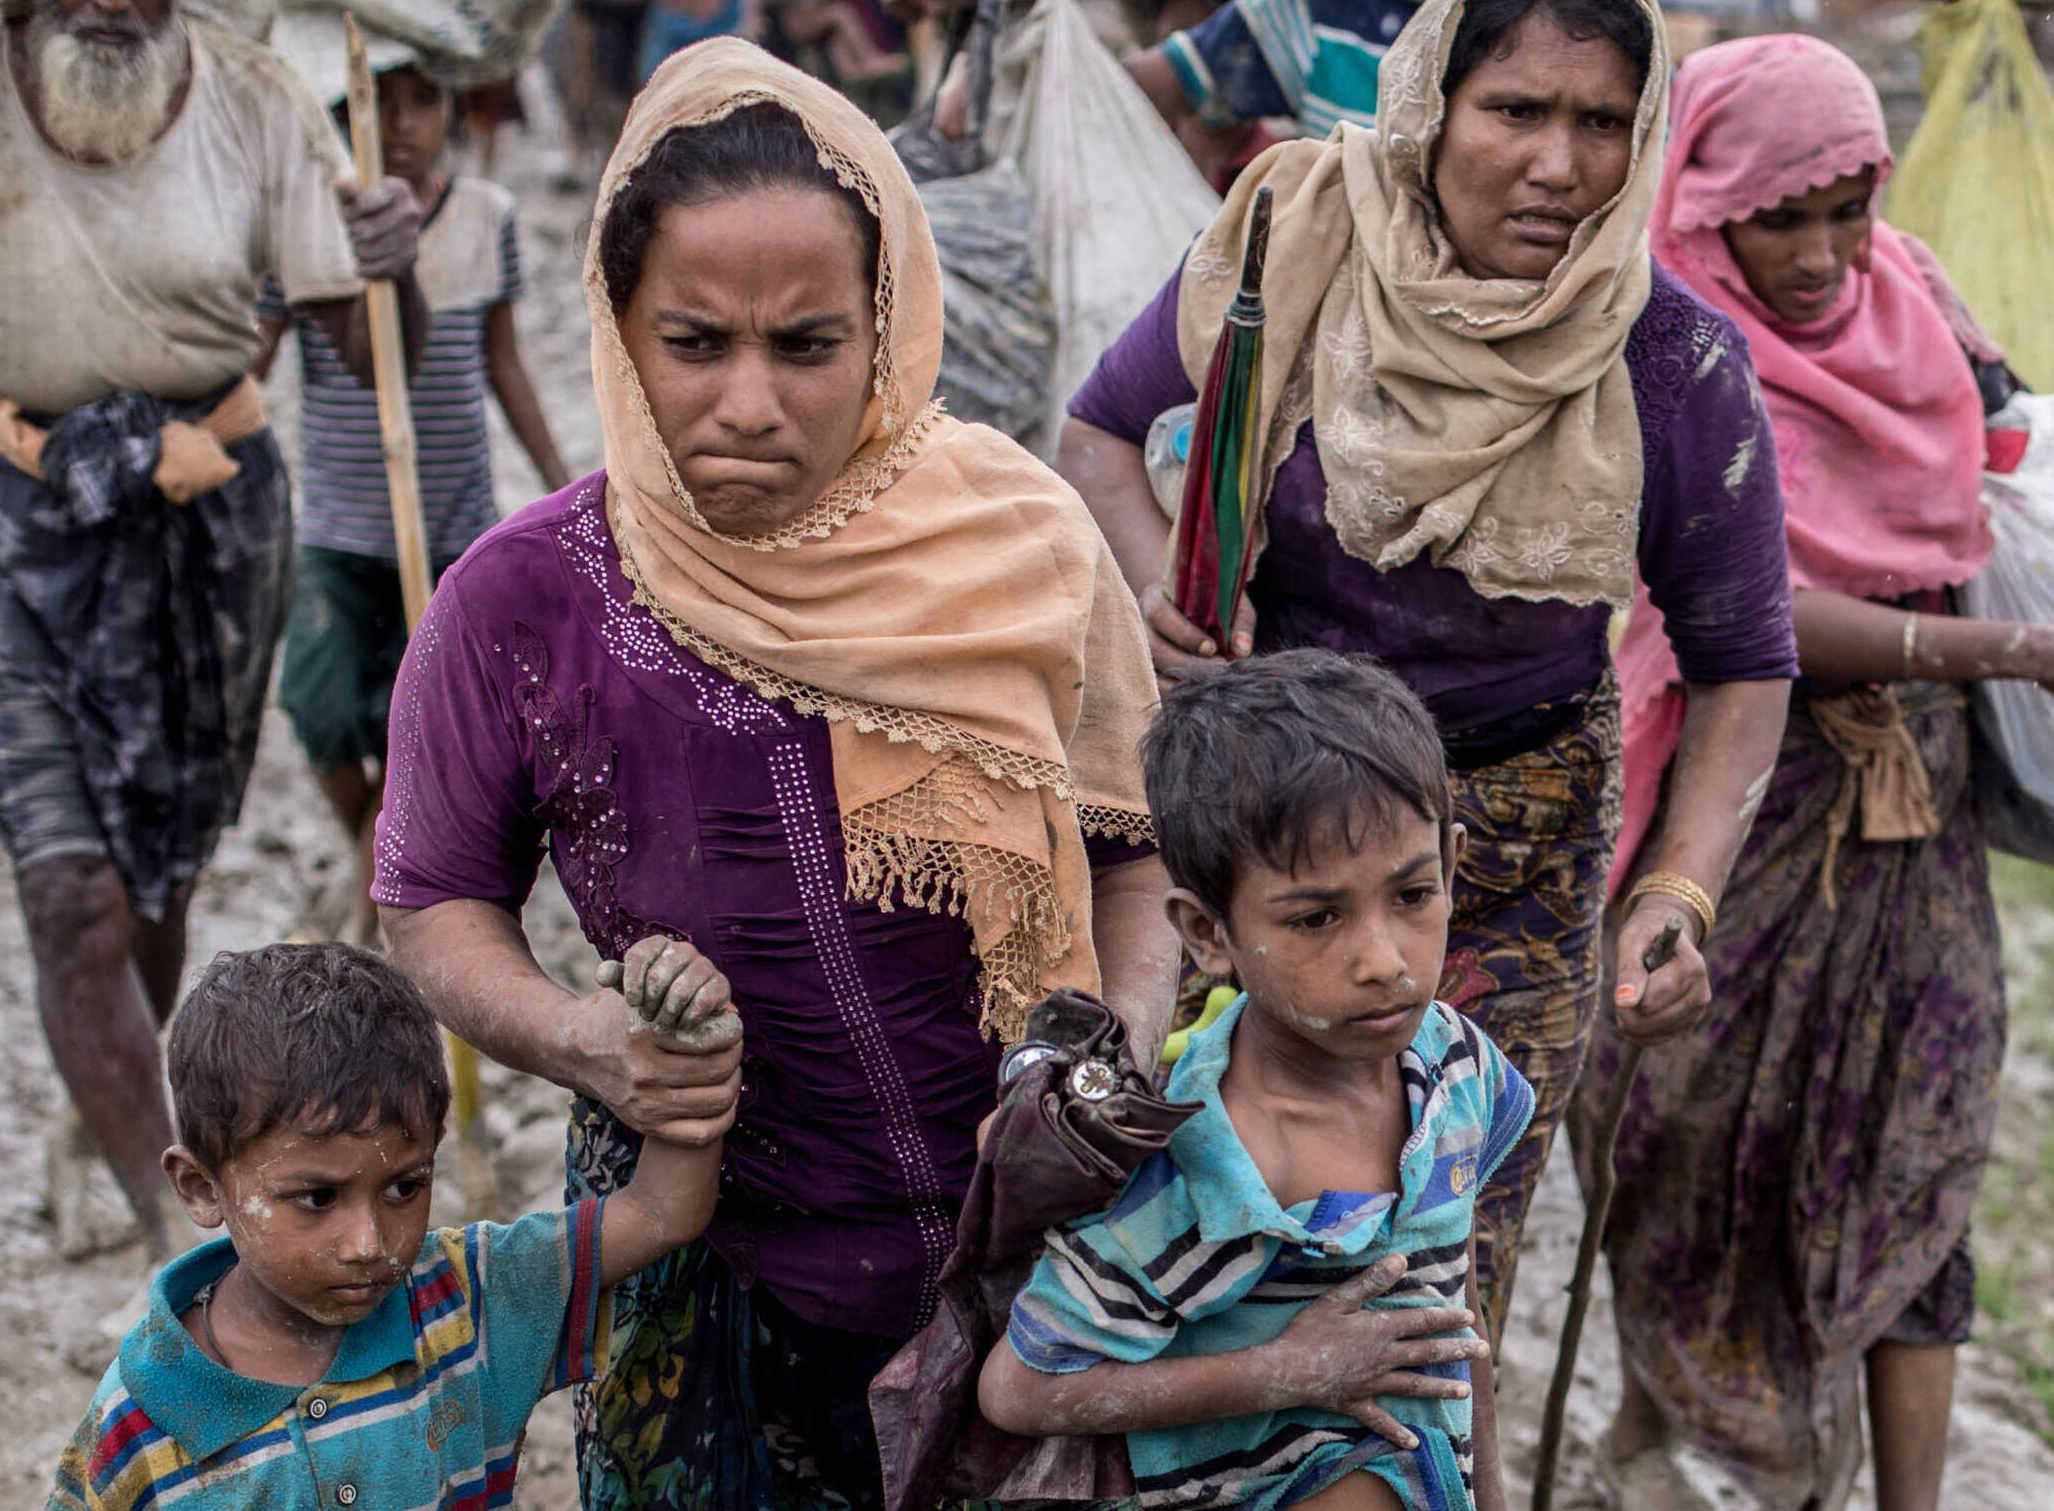 Una madre toma la mano de sus hijos remolcadores mientras camina por un camino embarrado.